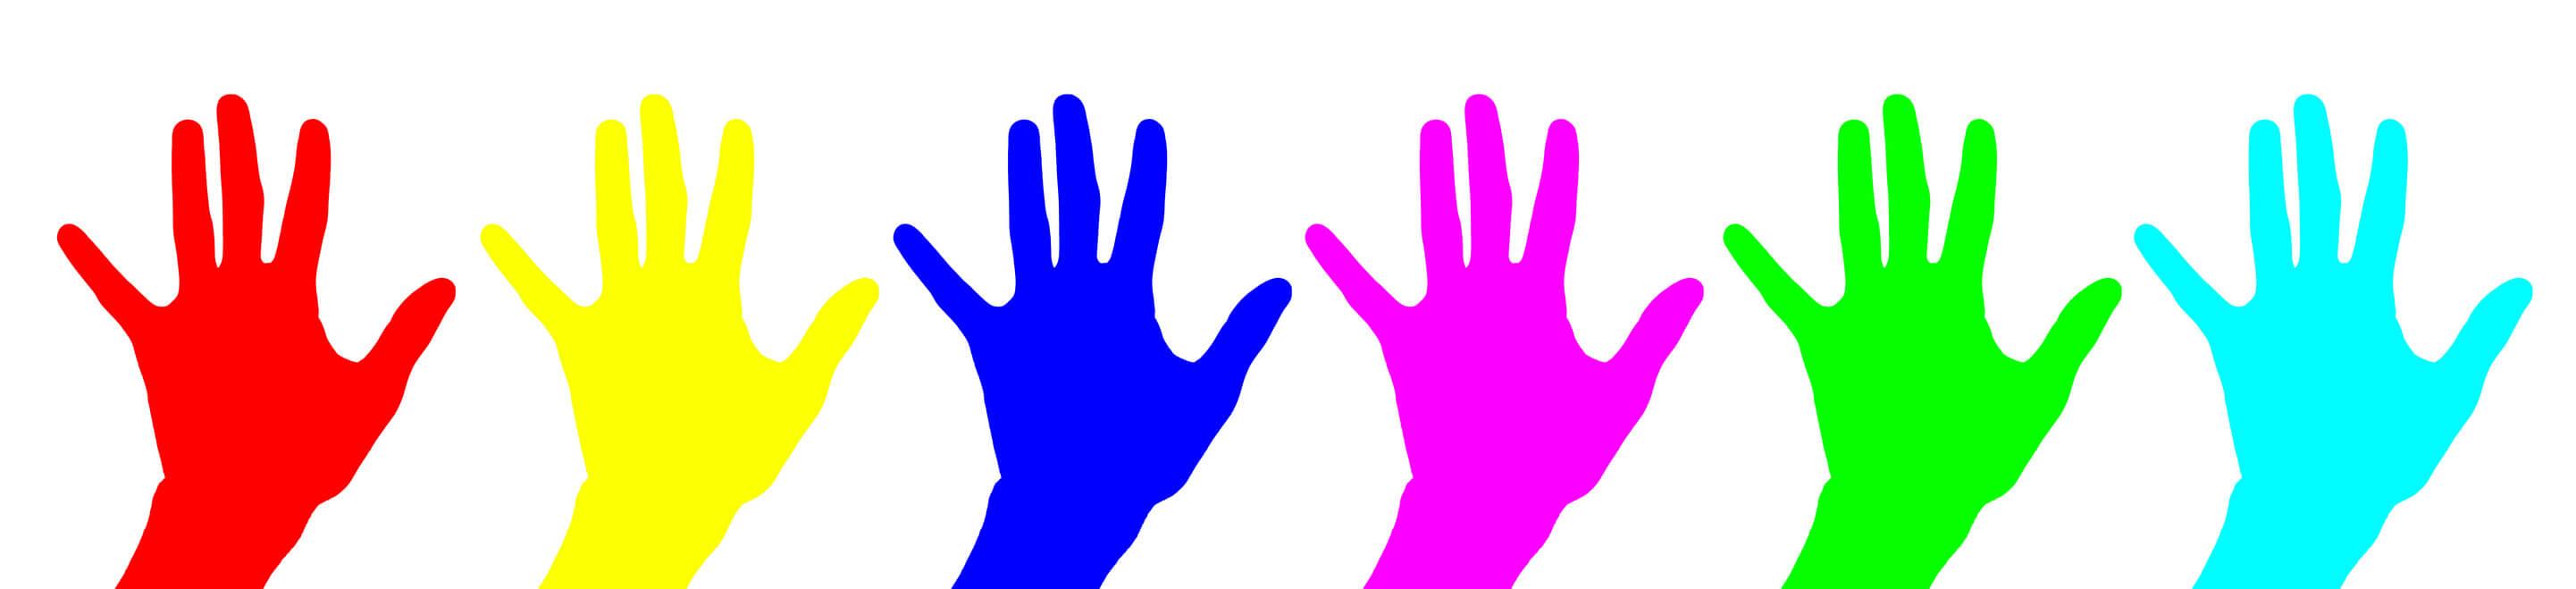 Colores Primarios y Secundarios - Definición, Concepto y ...